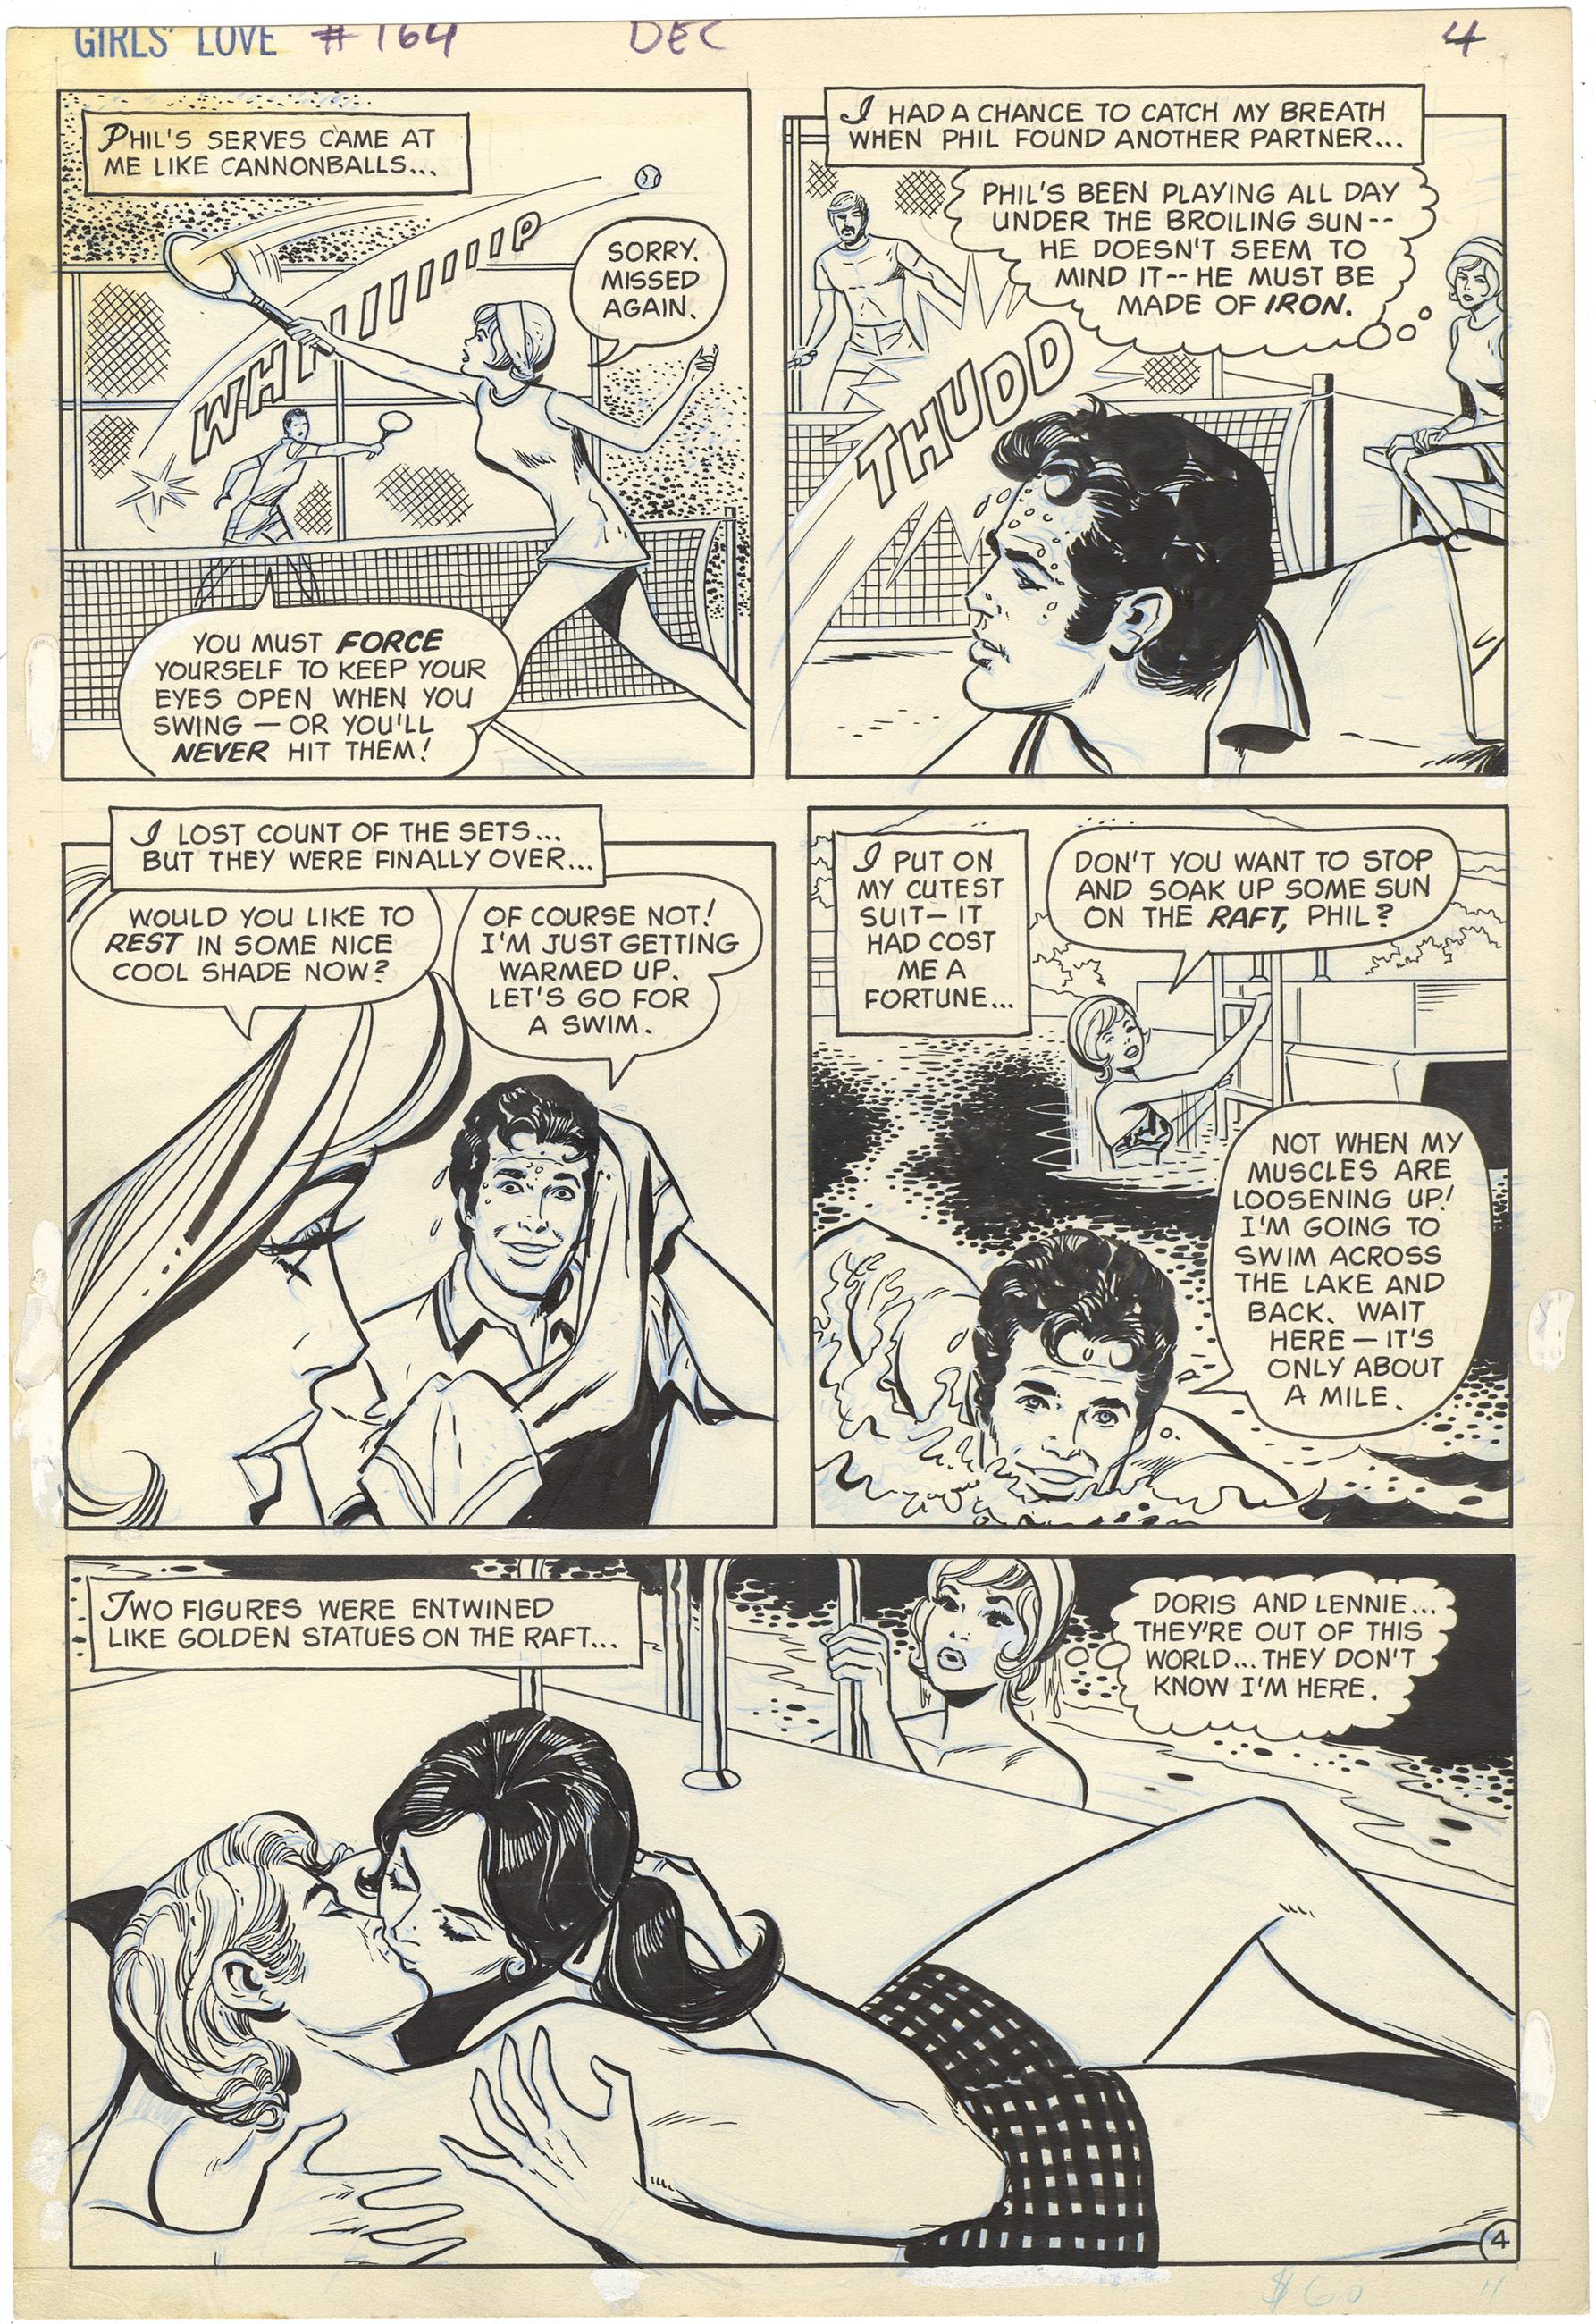 Girls' Love Stories #164 p6